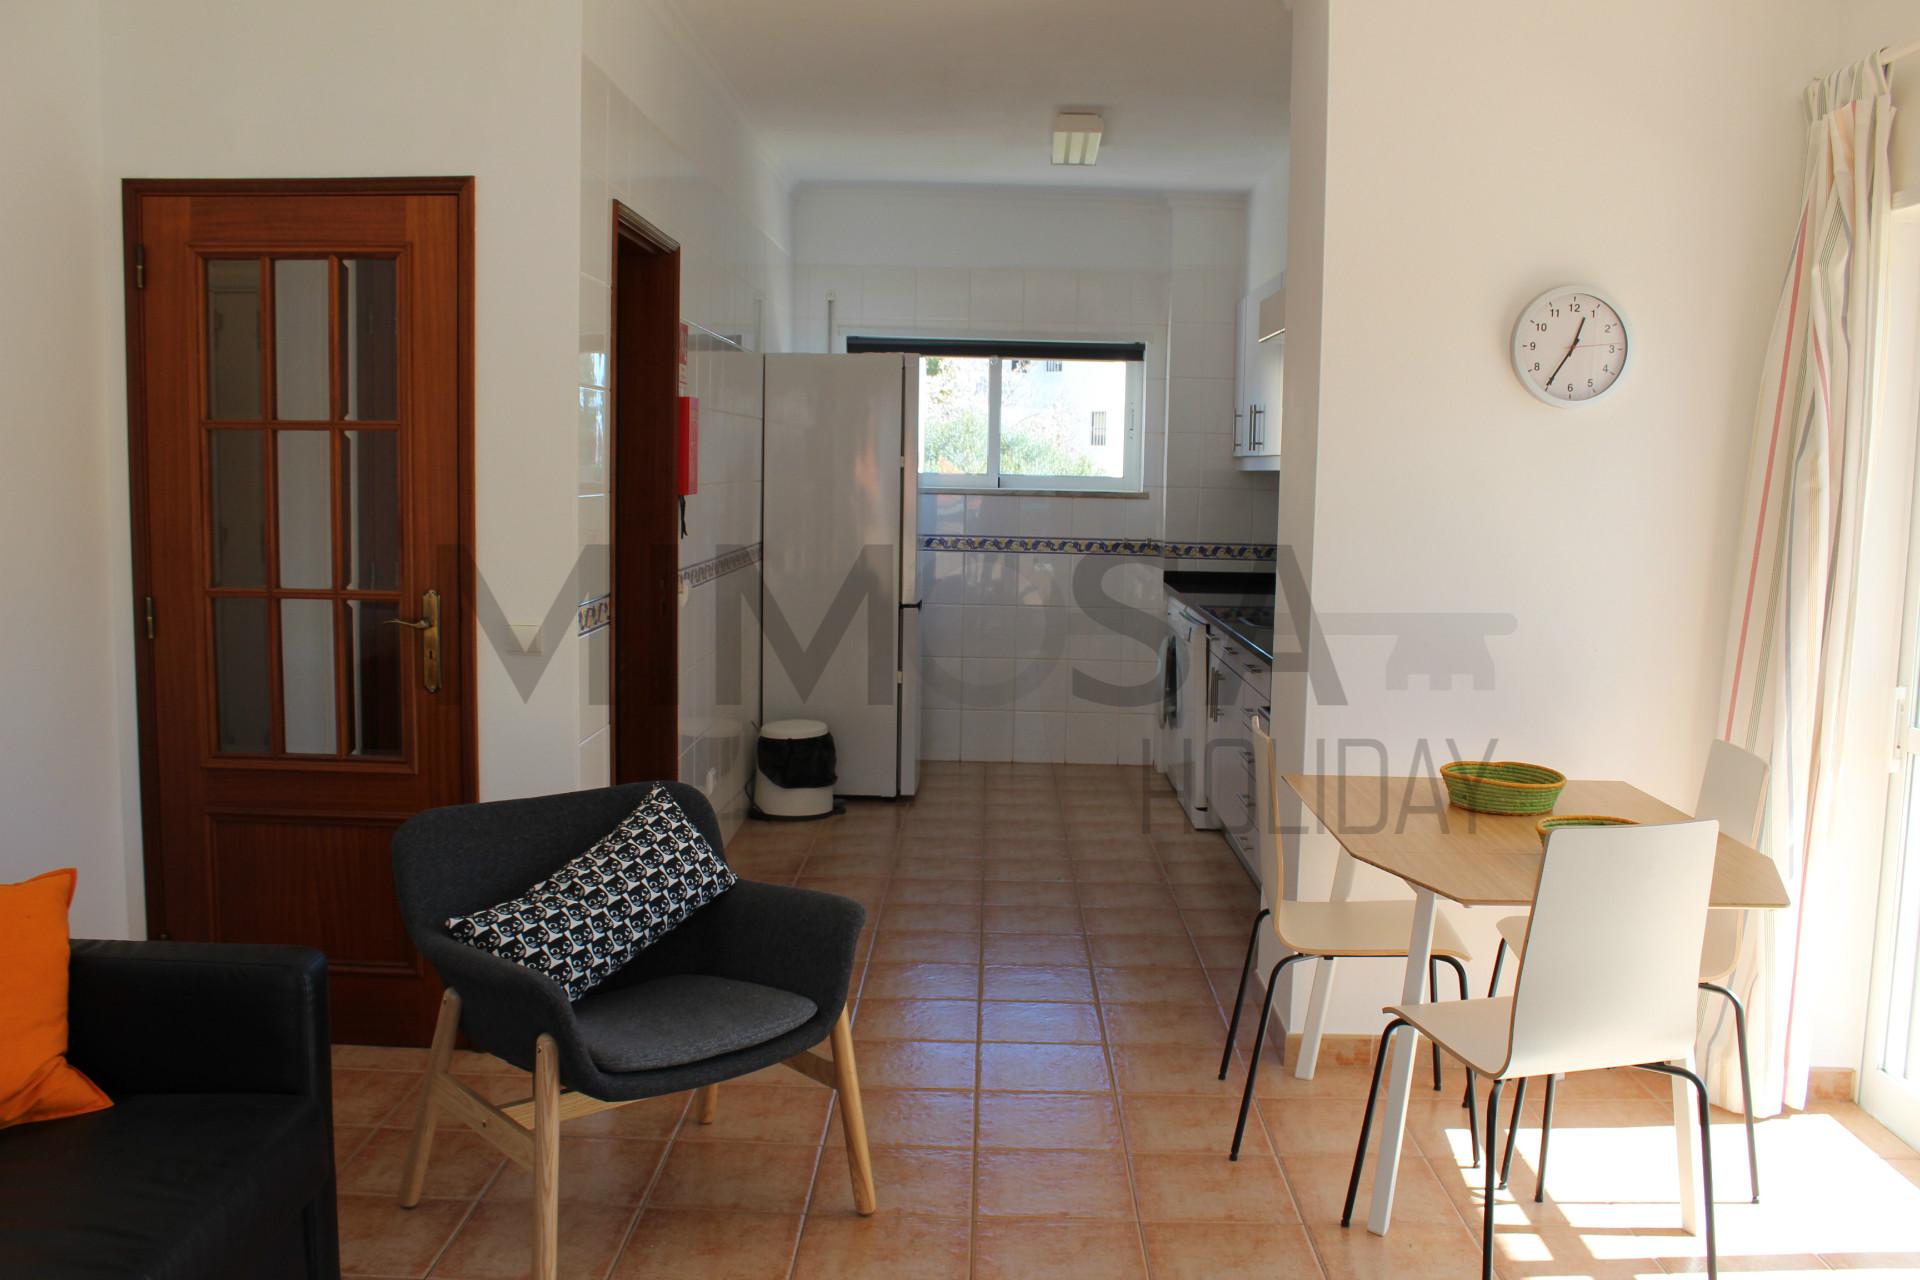 Meraviglioso appartamento con una camera da letto per le vostre vacanze con piscina.